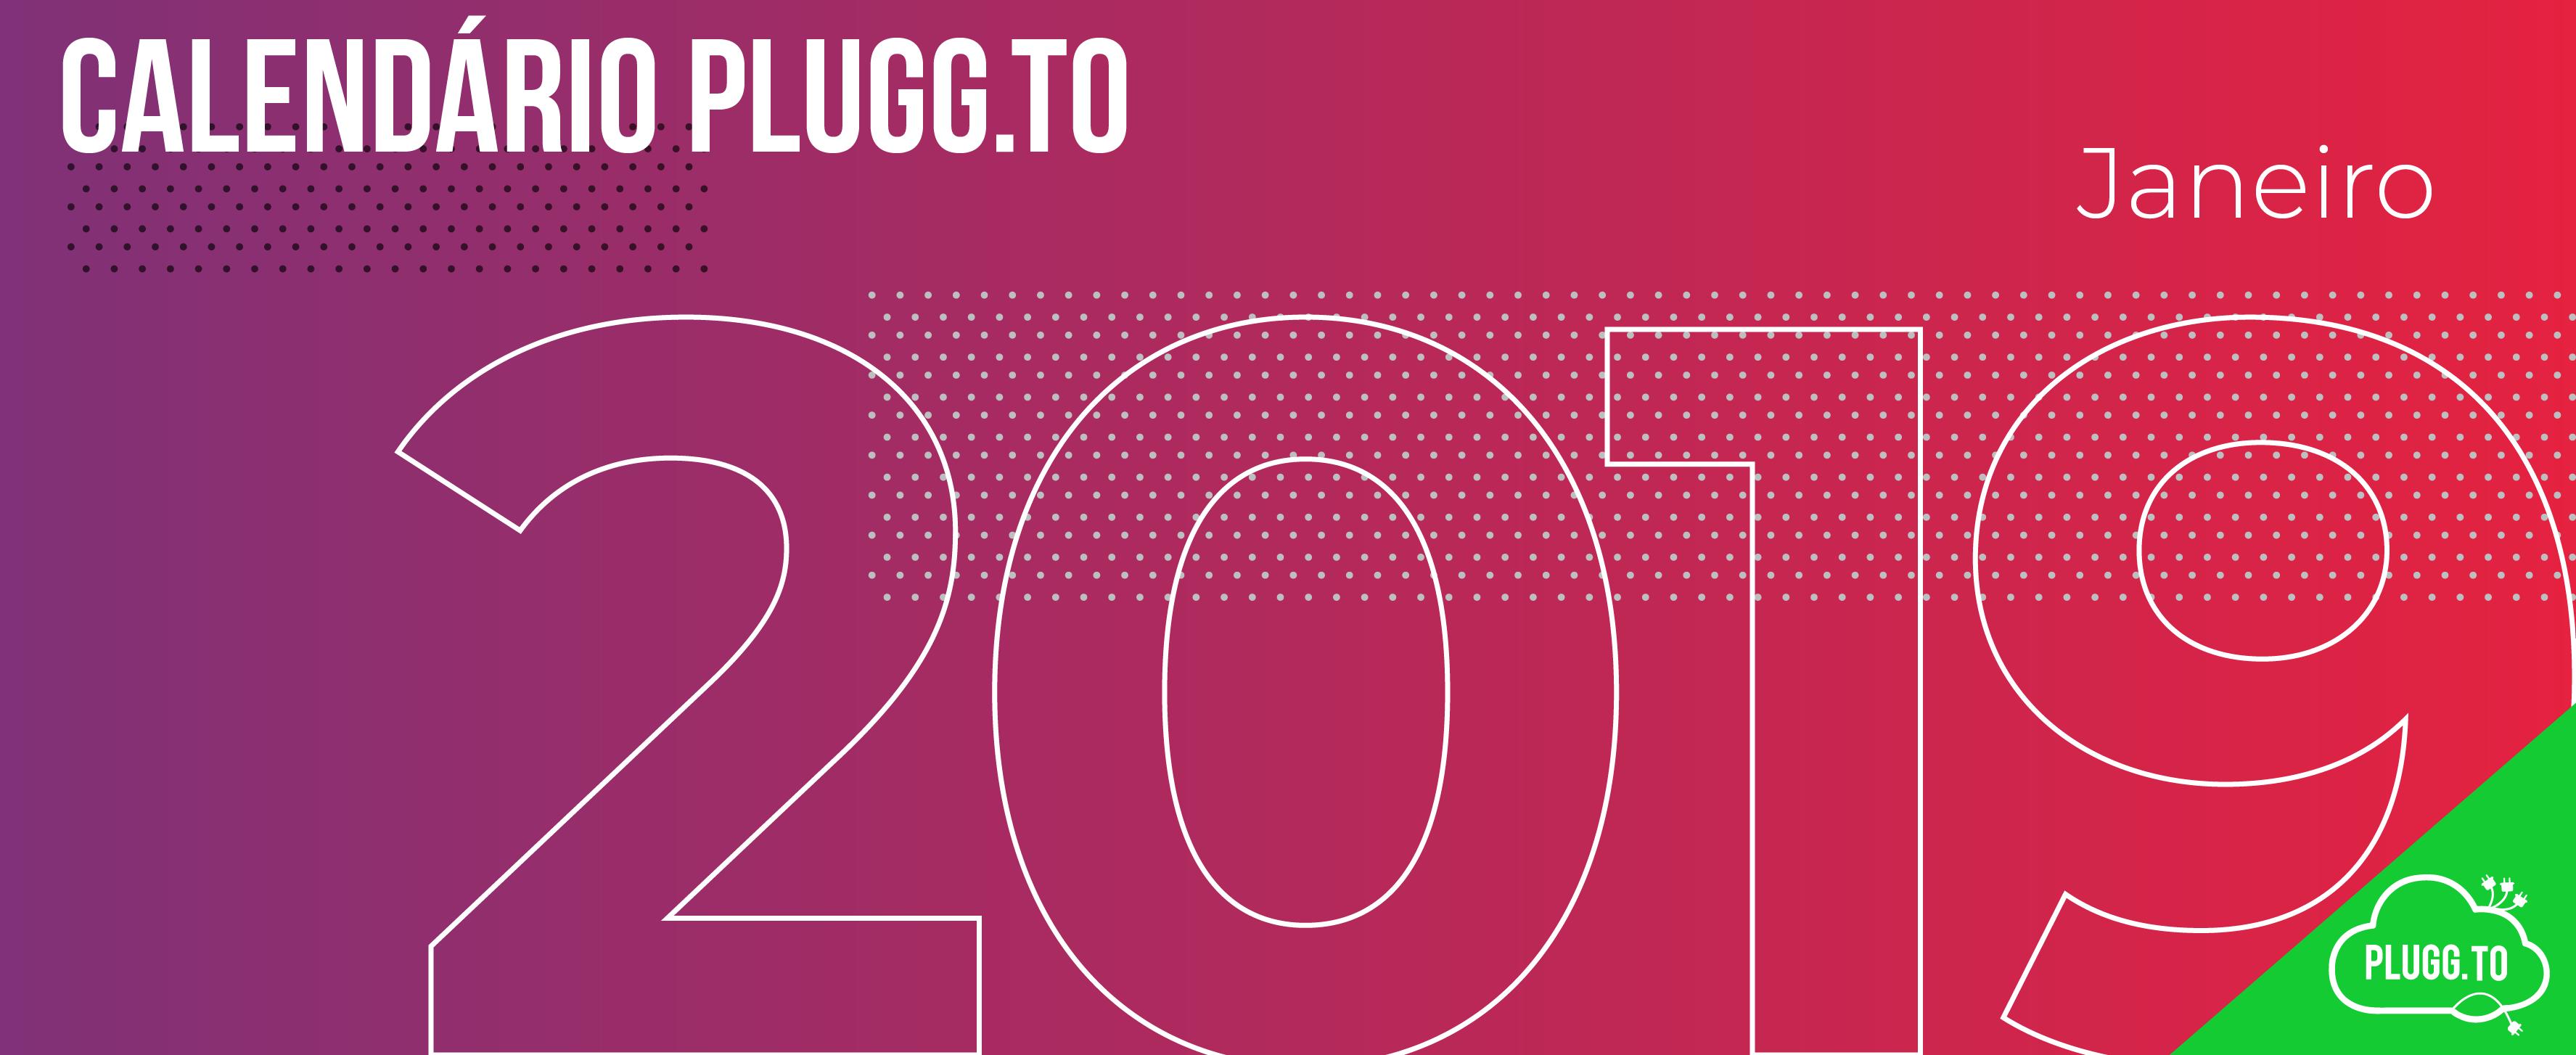 Calendário Plugg.To – Datas de Janeiro para o E-commerce